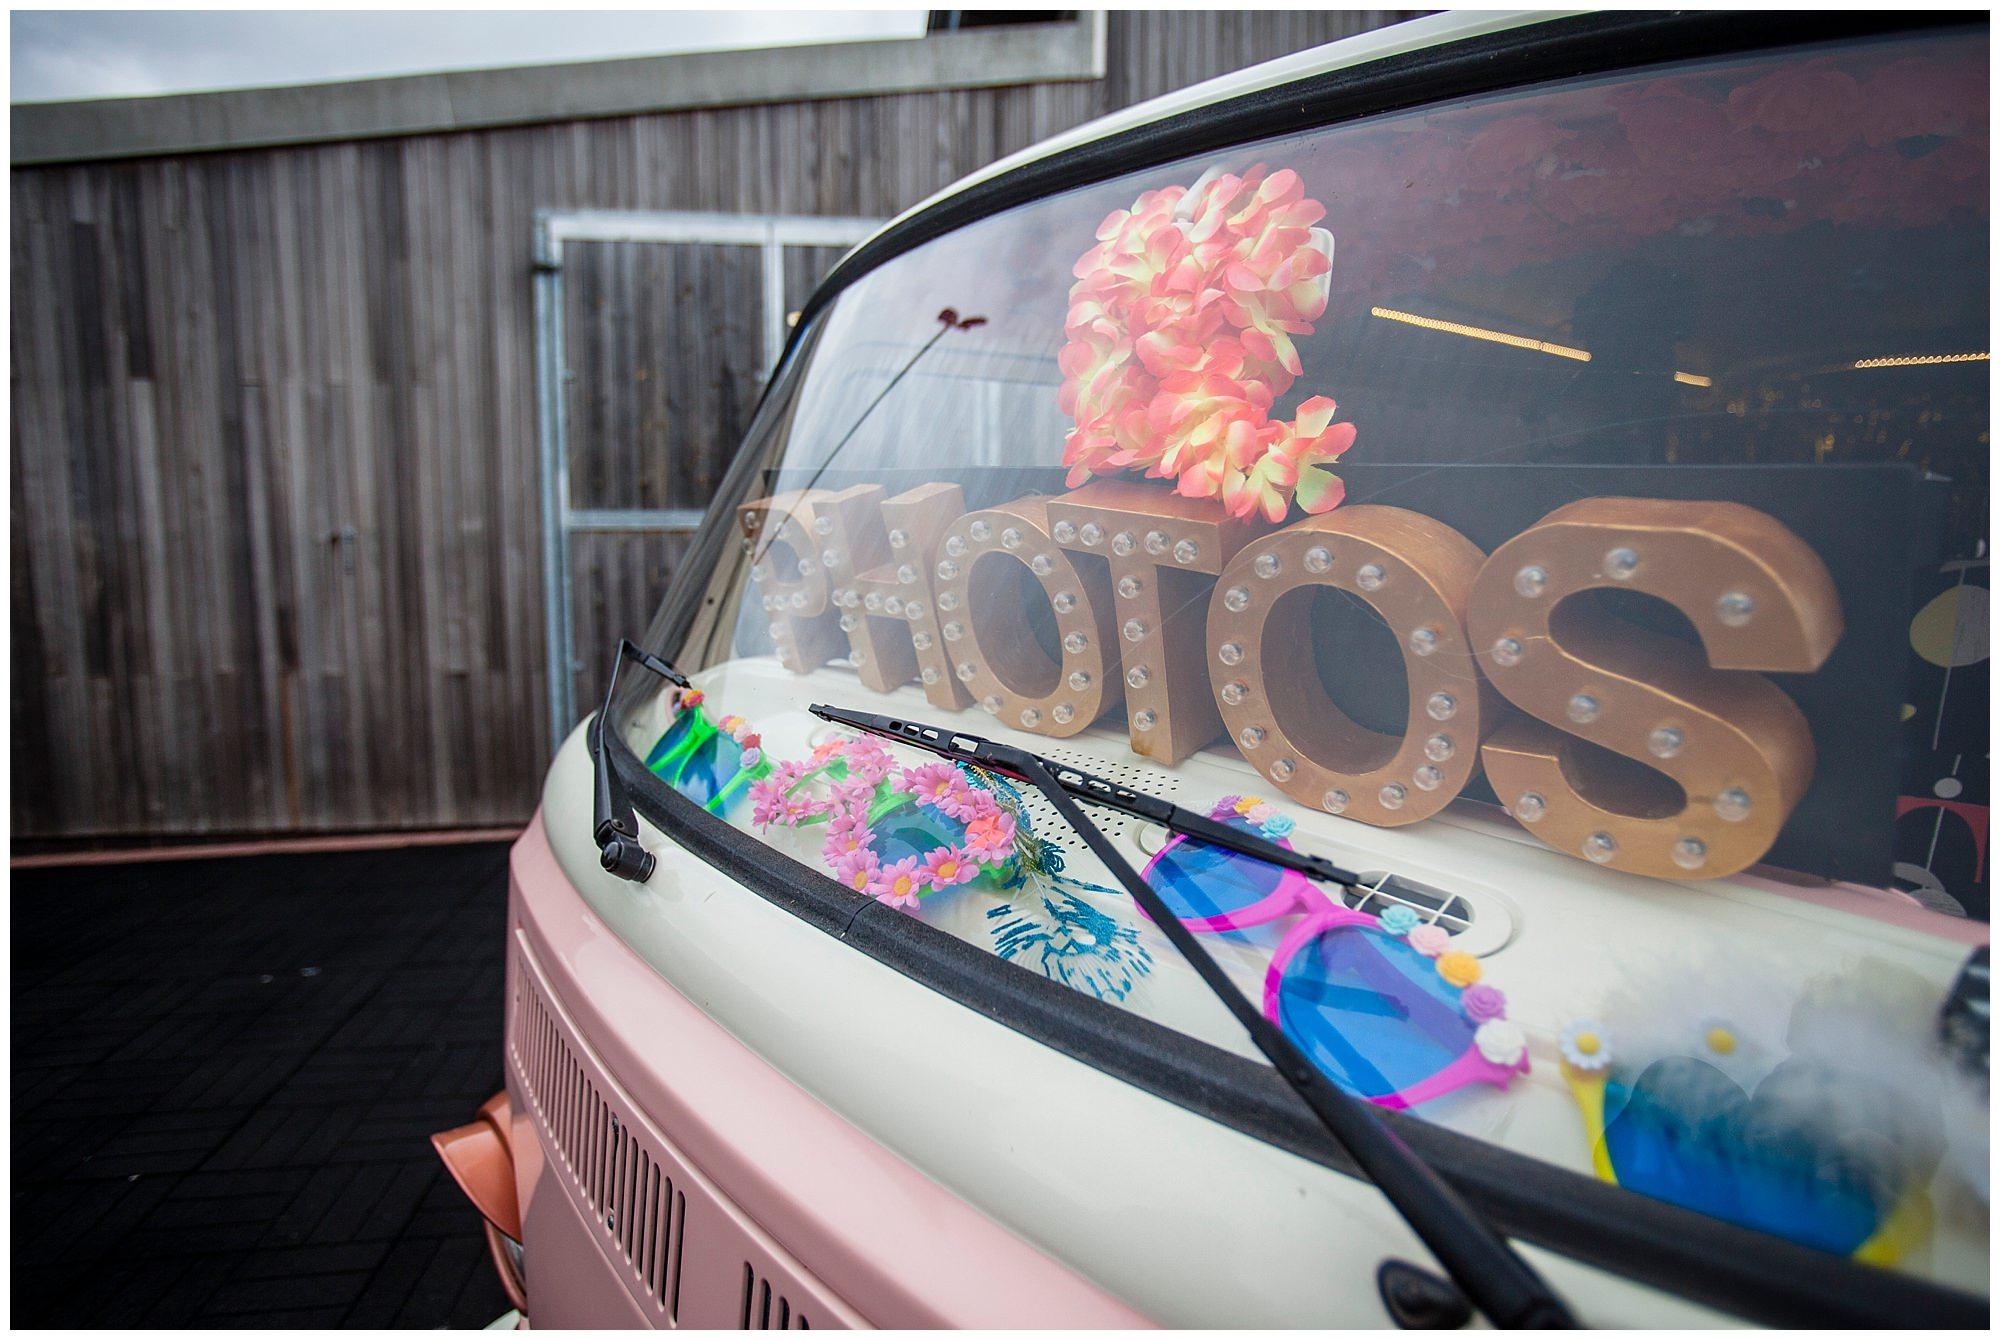 back of pink vw camper van vintage signage photos in the back